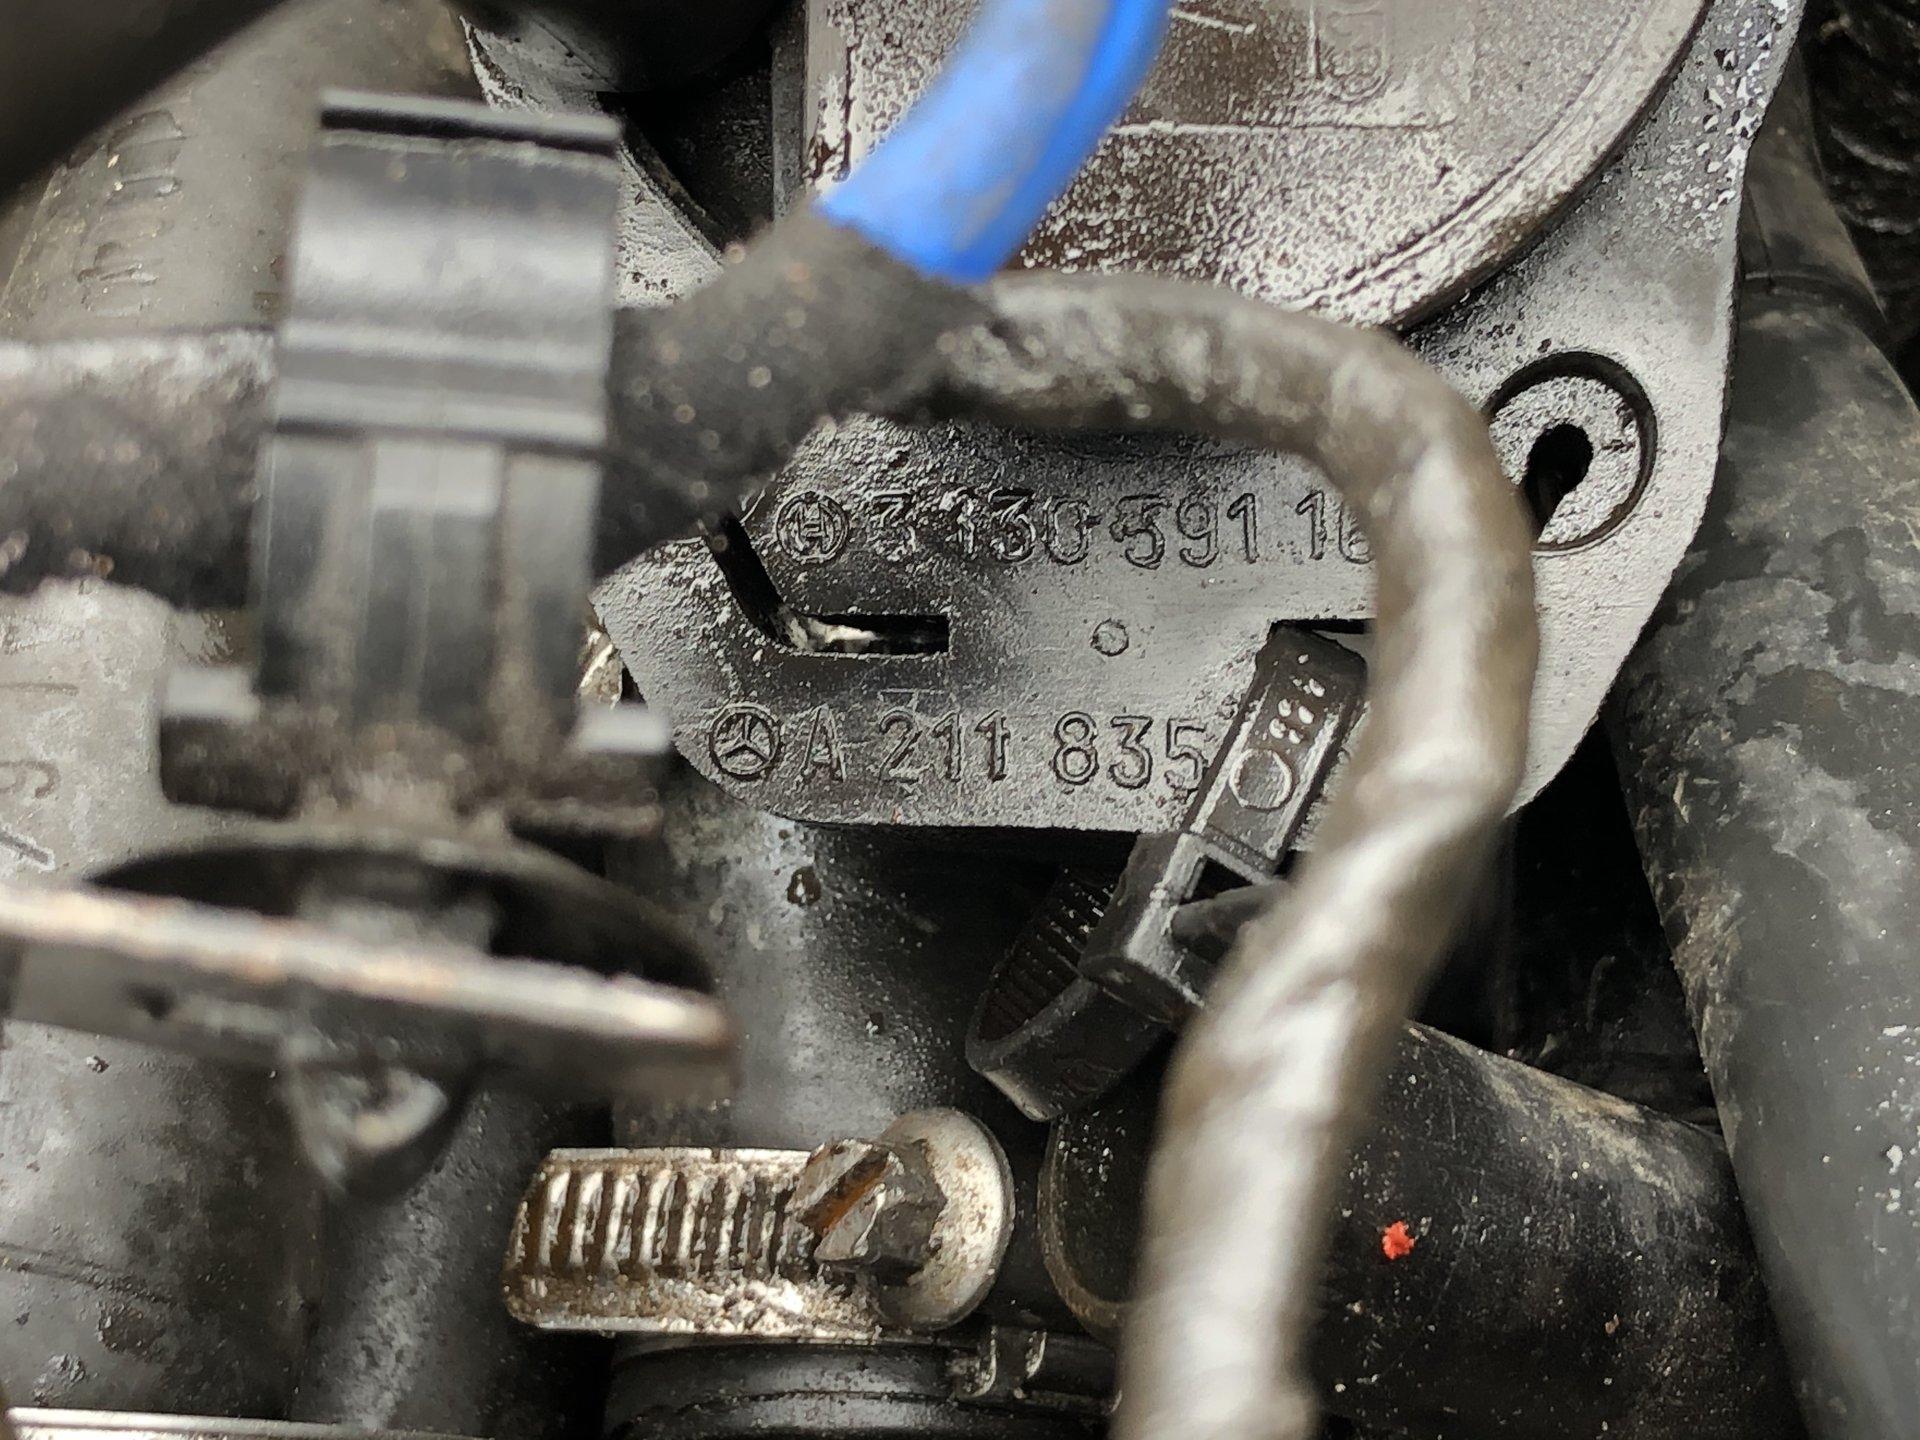 E6DA60B7-E69A-49C9-BFEE-2D1CFE7C0930.jpeg